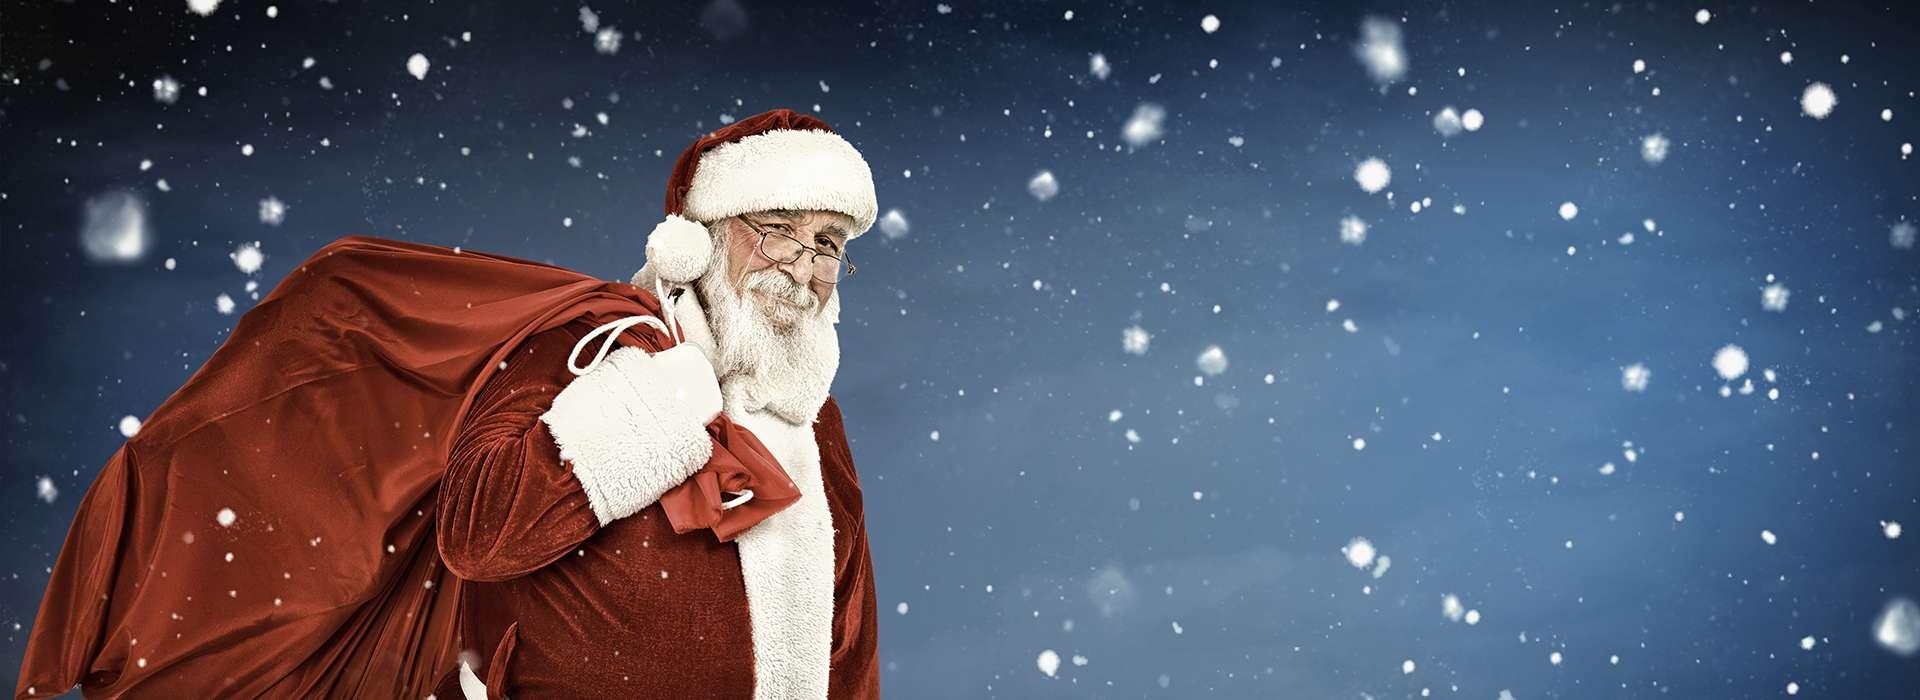 Slider d'images de l'animation Formule classique de Noël